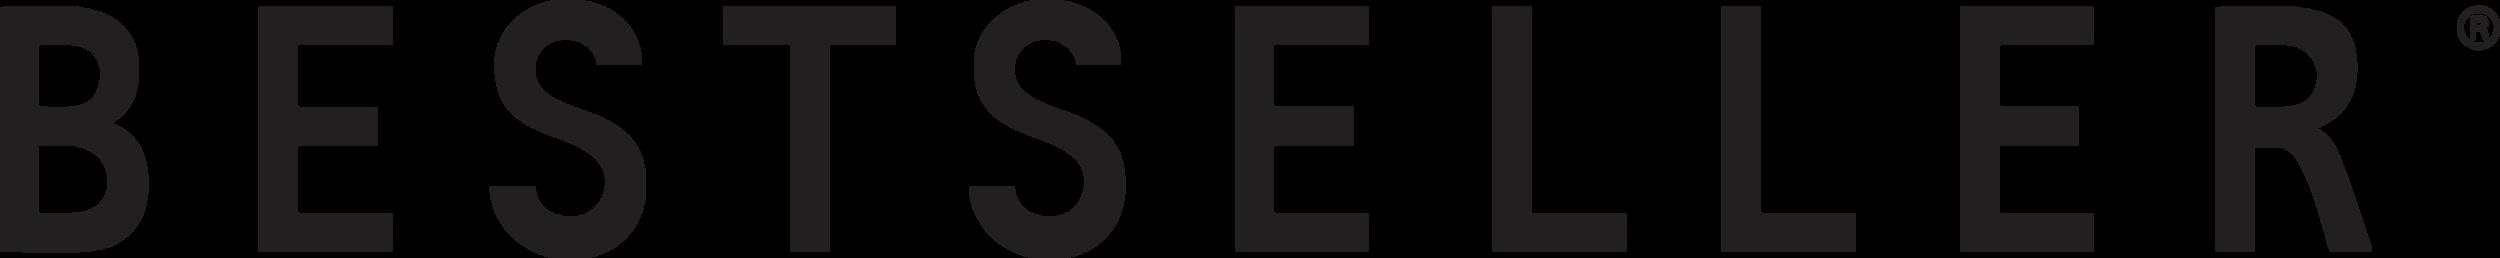 BESTSELLER_logo_black_2012.png